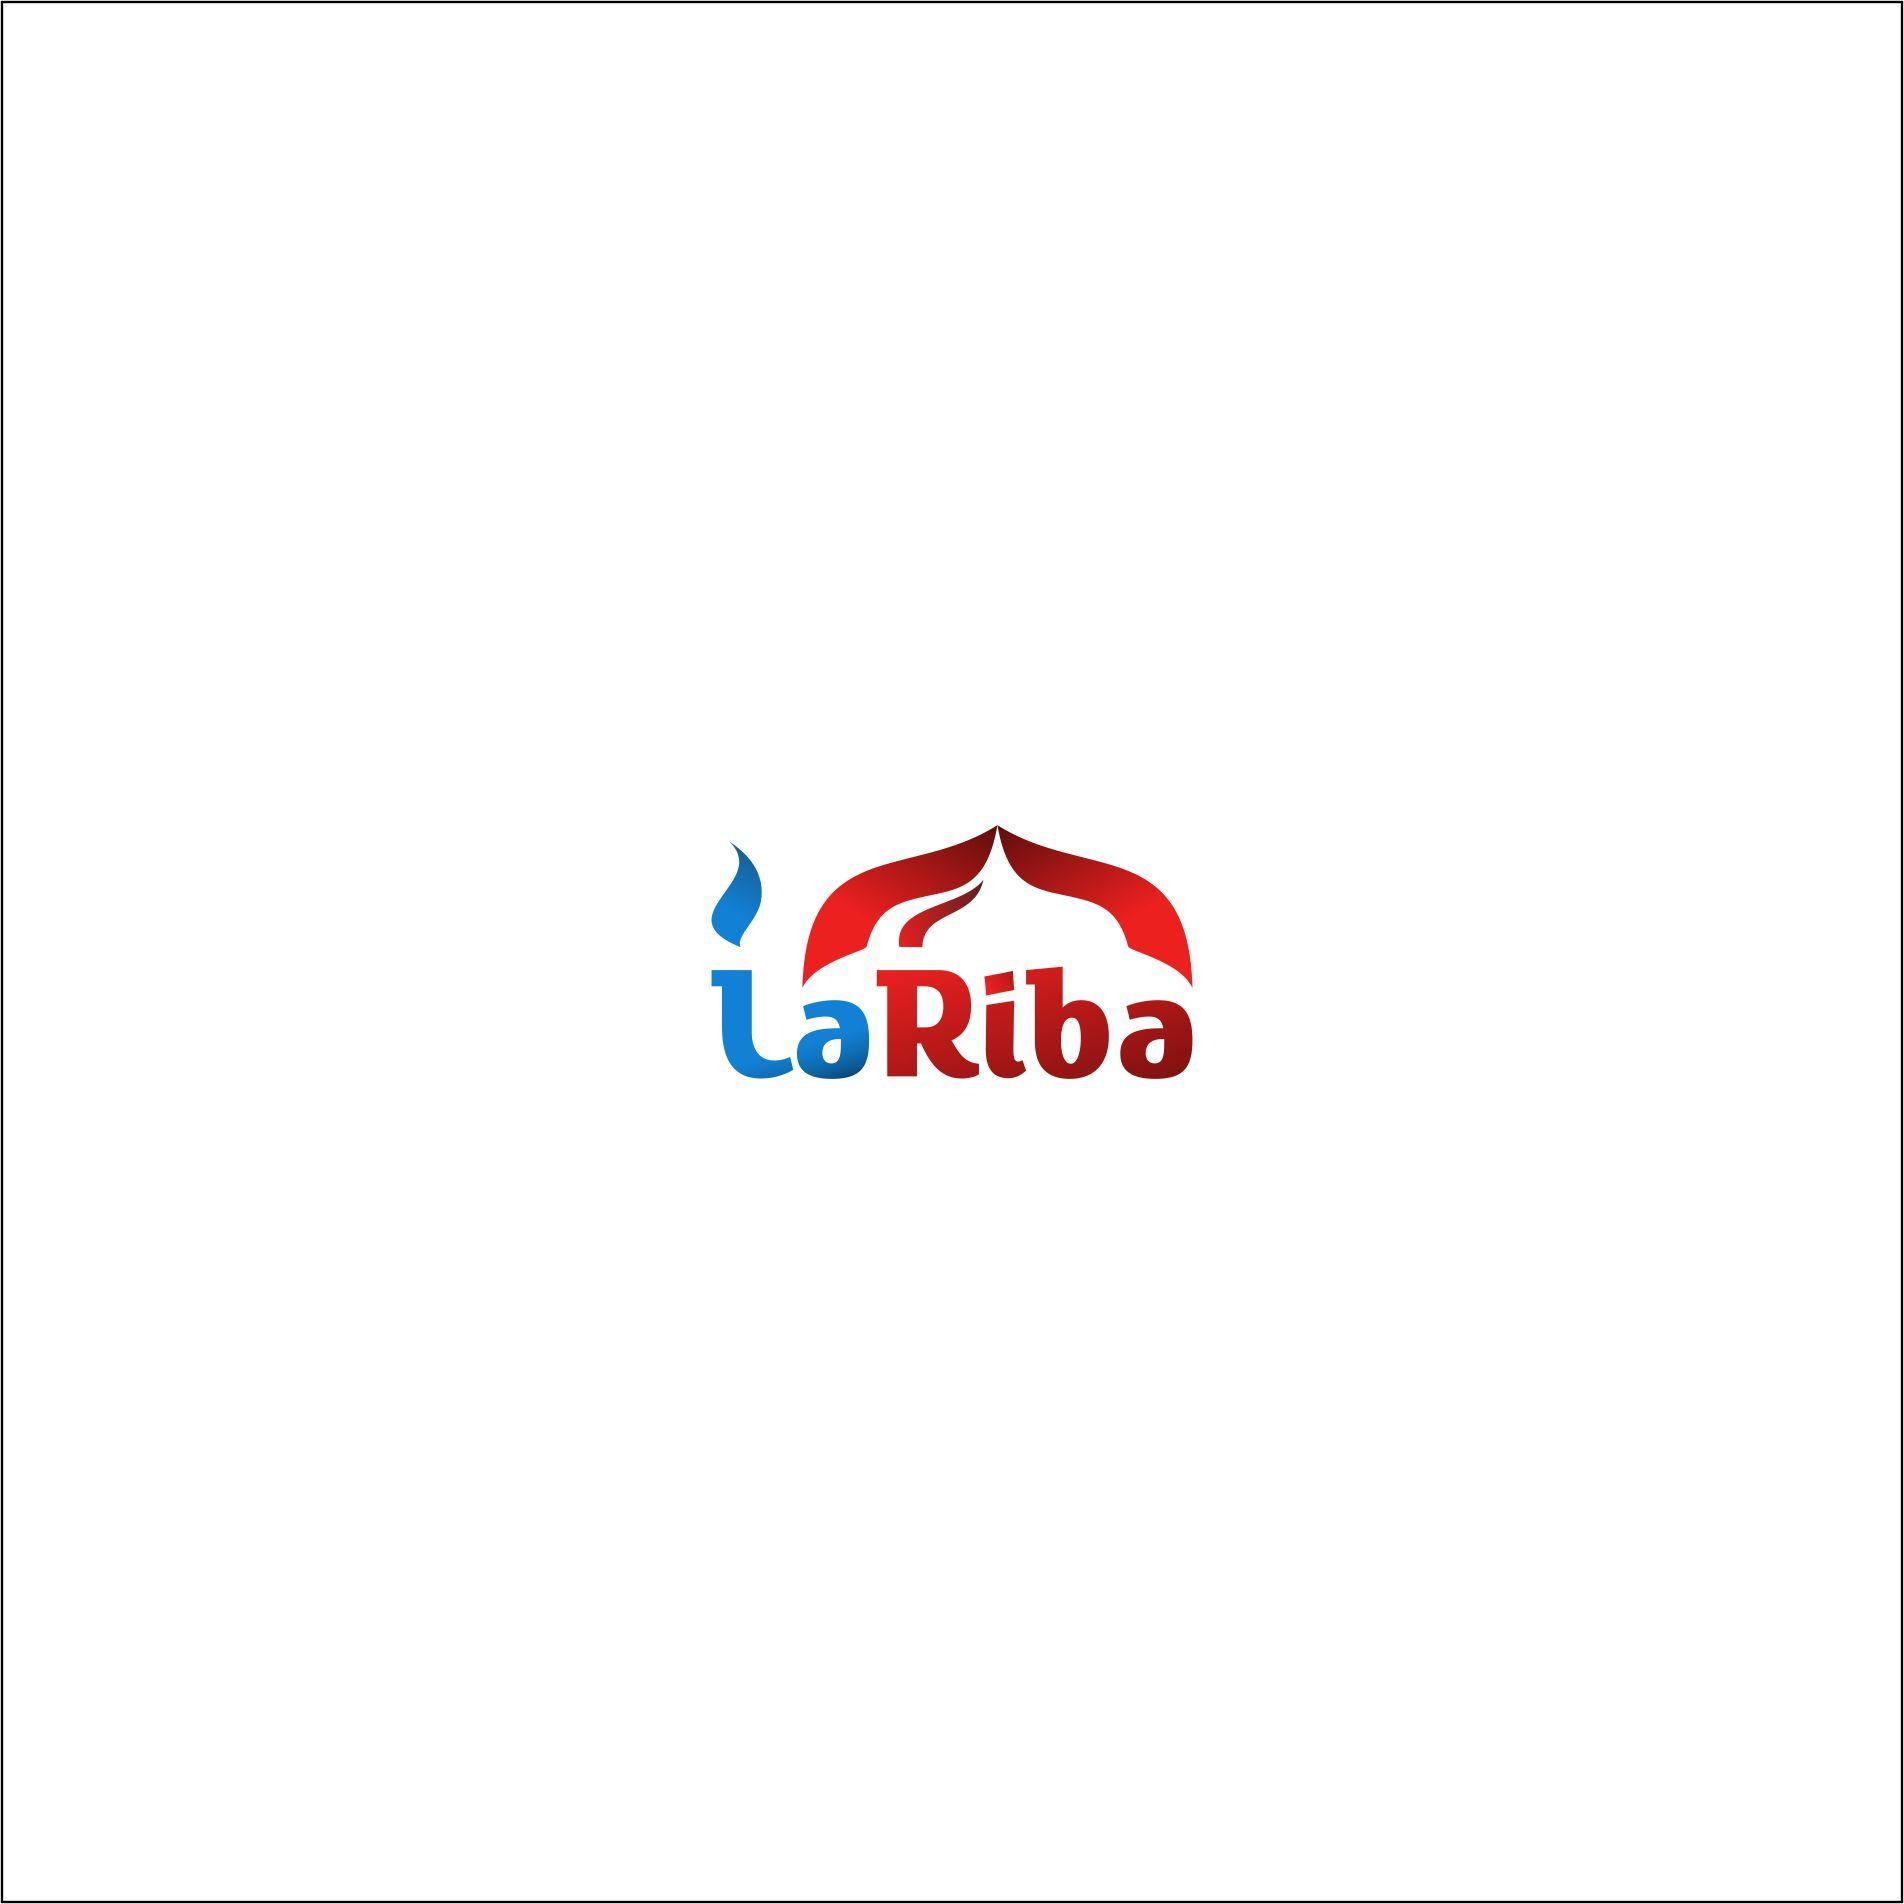 Логотип для исламской финансовой компании.  - дизайнер AlexZab